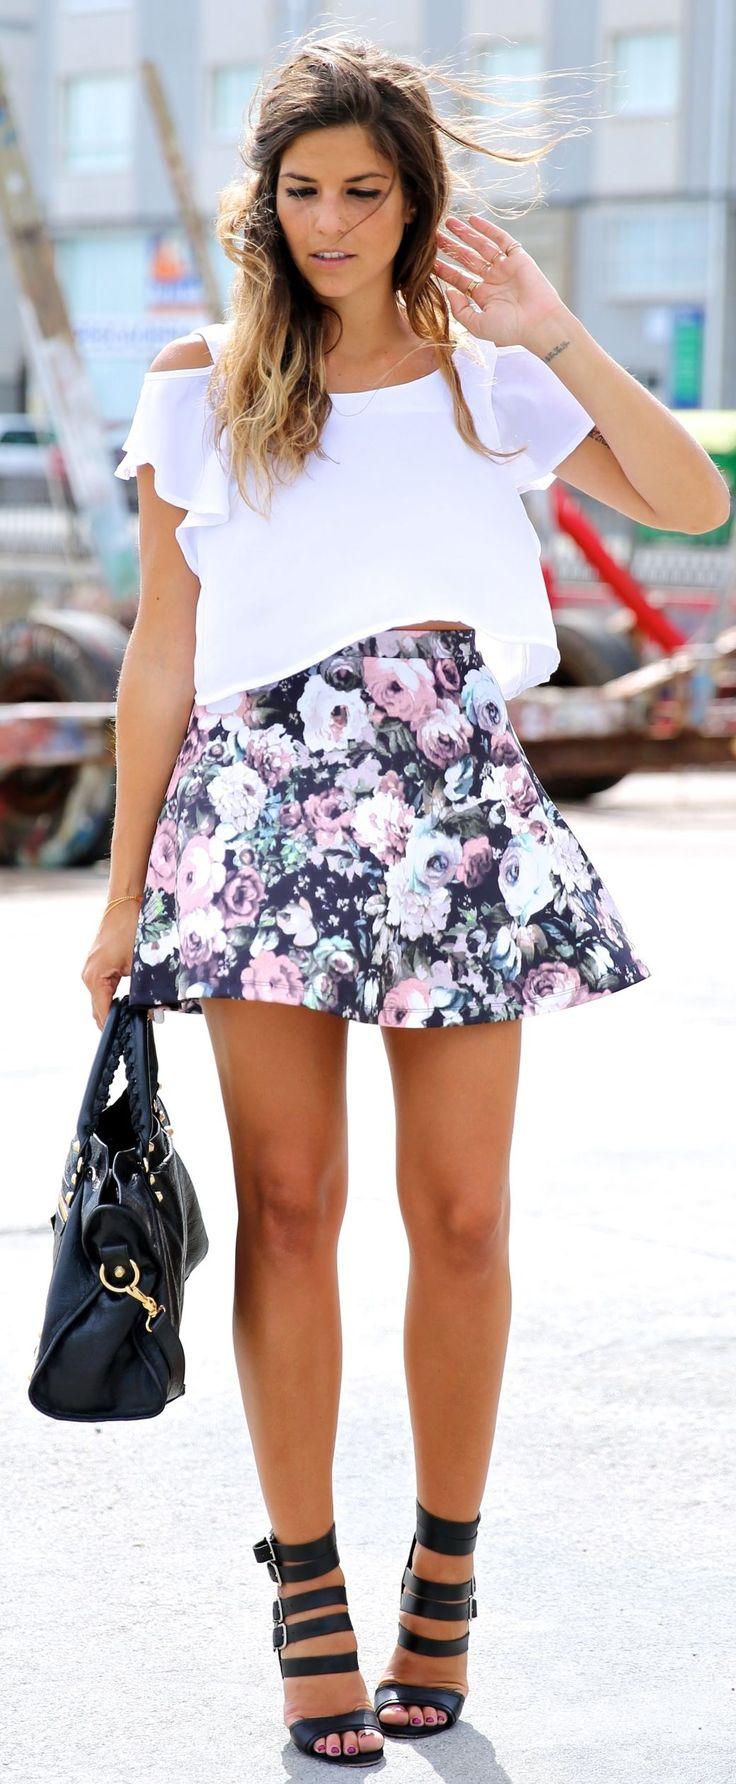 Floral skater + white tee.